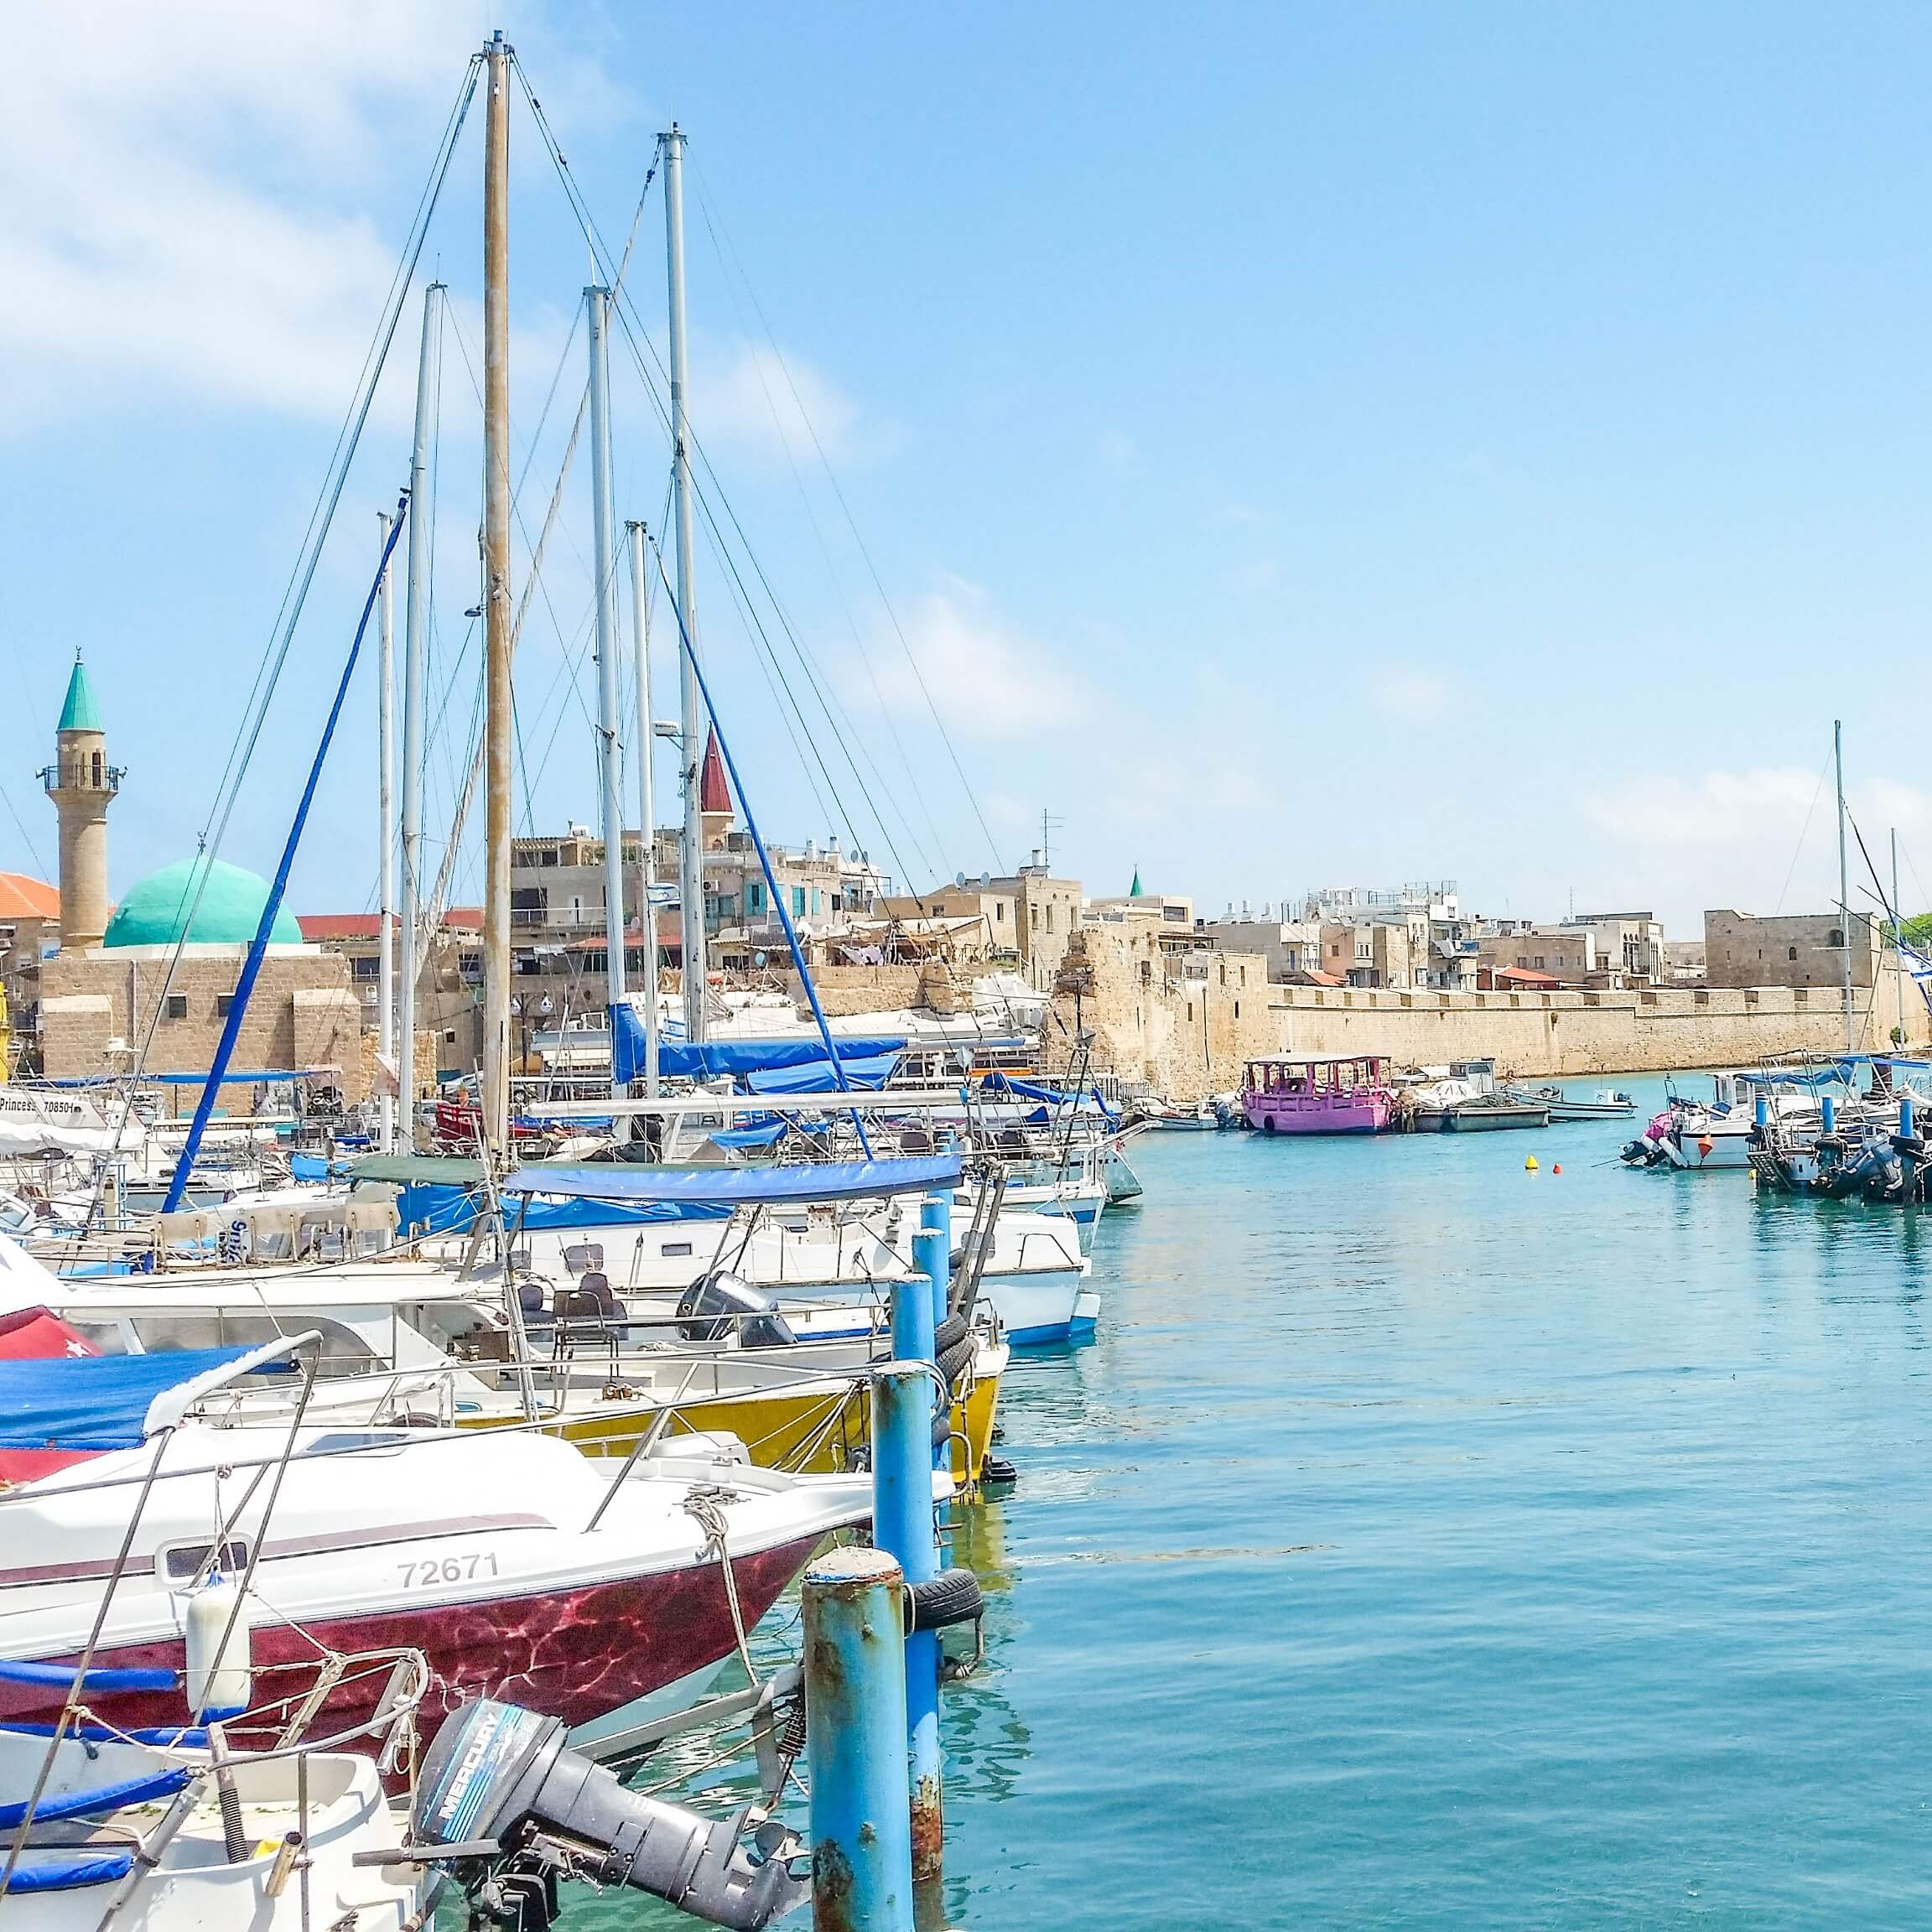 Акко, Израиль, лето, отпуск, каникулы, отдых